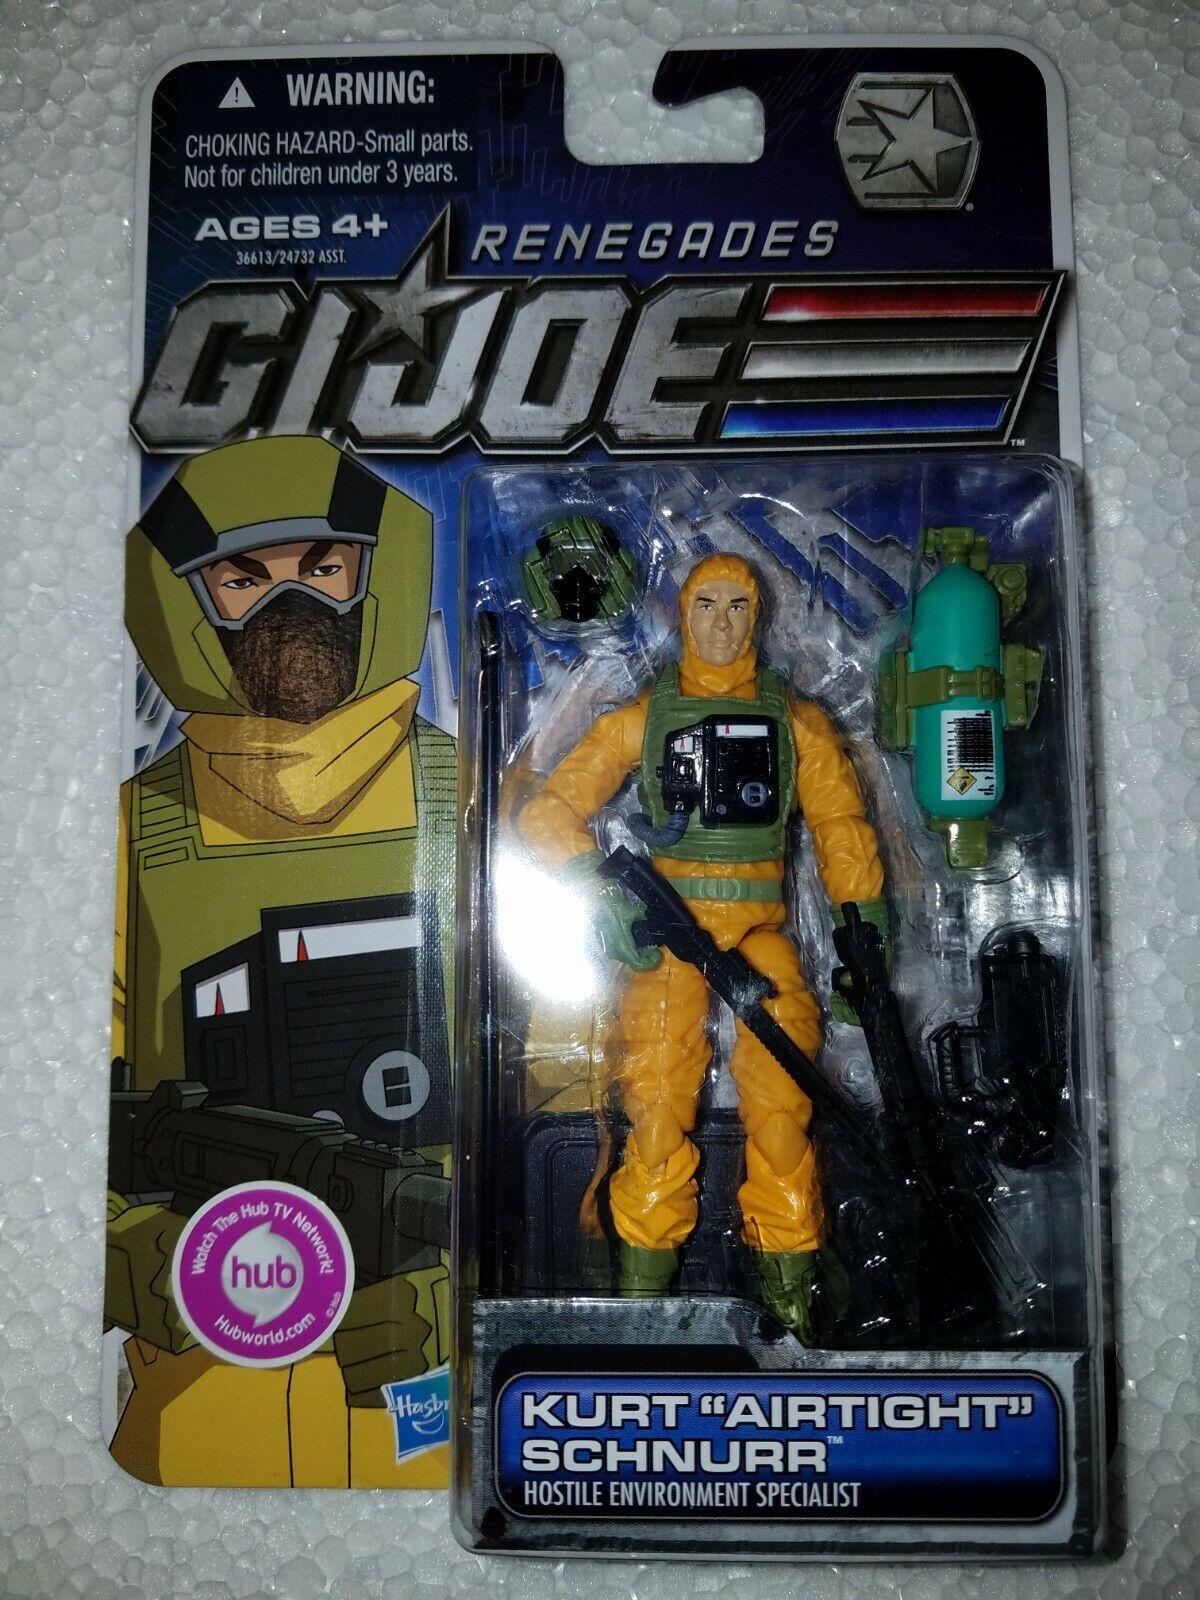 G.I. Joe búsqueda de Cobra (POC)  Kurt  hermético  Schnurr-ambiente hostil